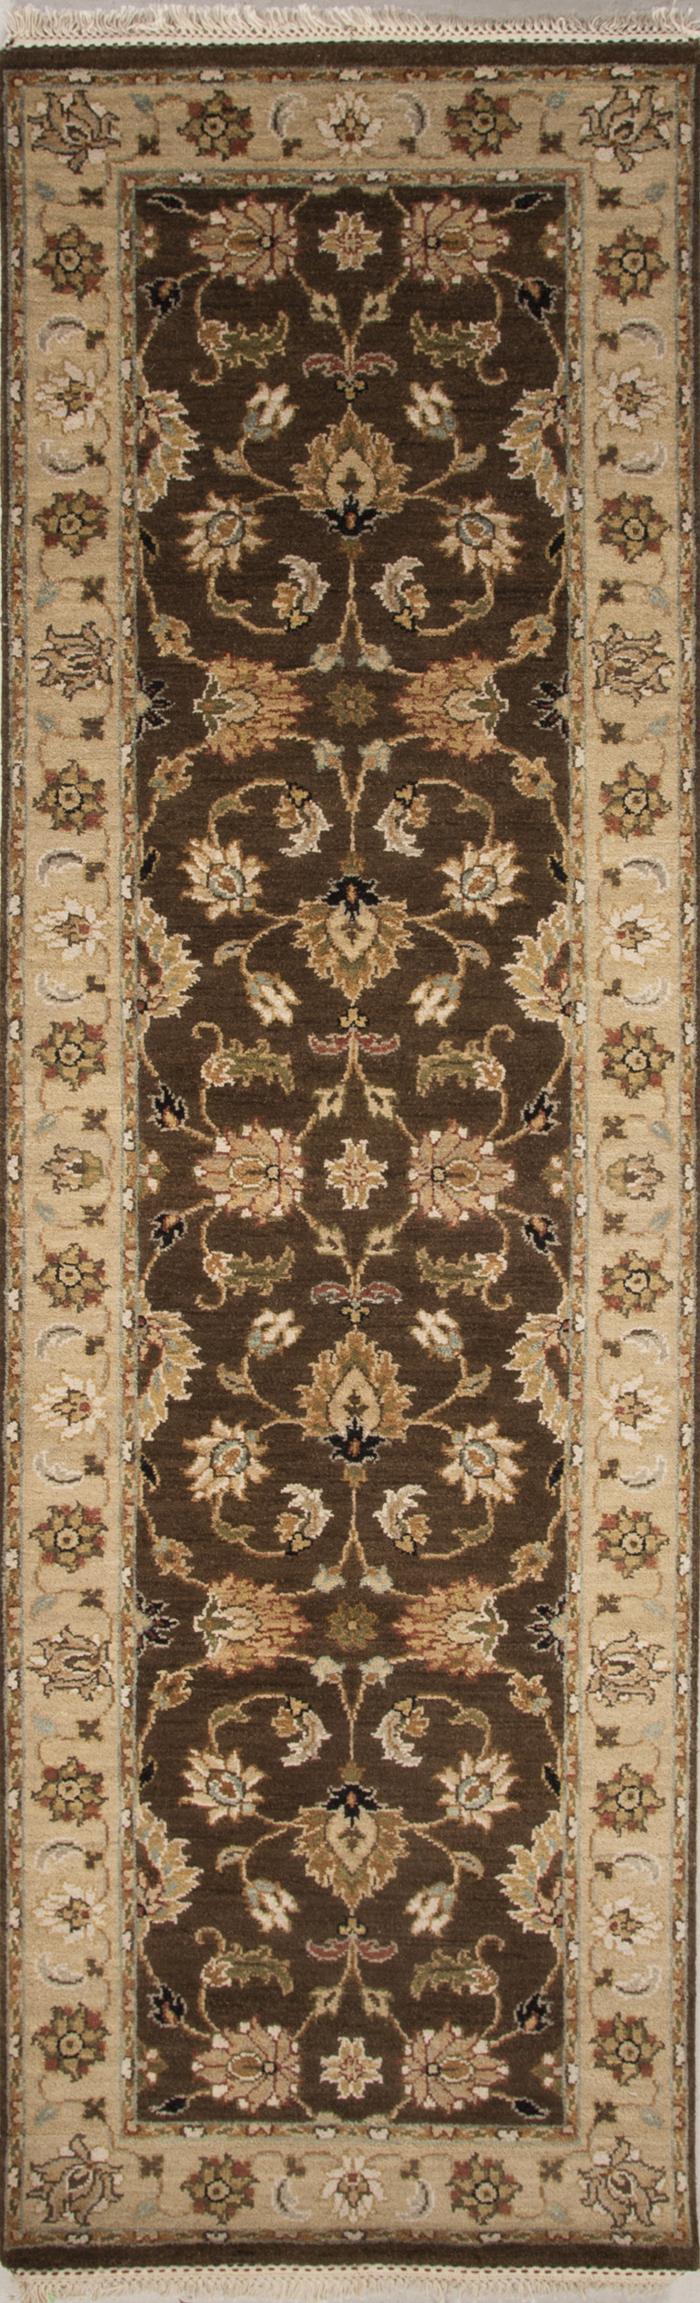 JAIPUR Rugs Opus 2.6 x 8 Rug - Item Number: RUG103274